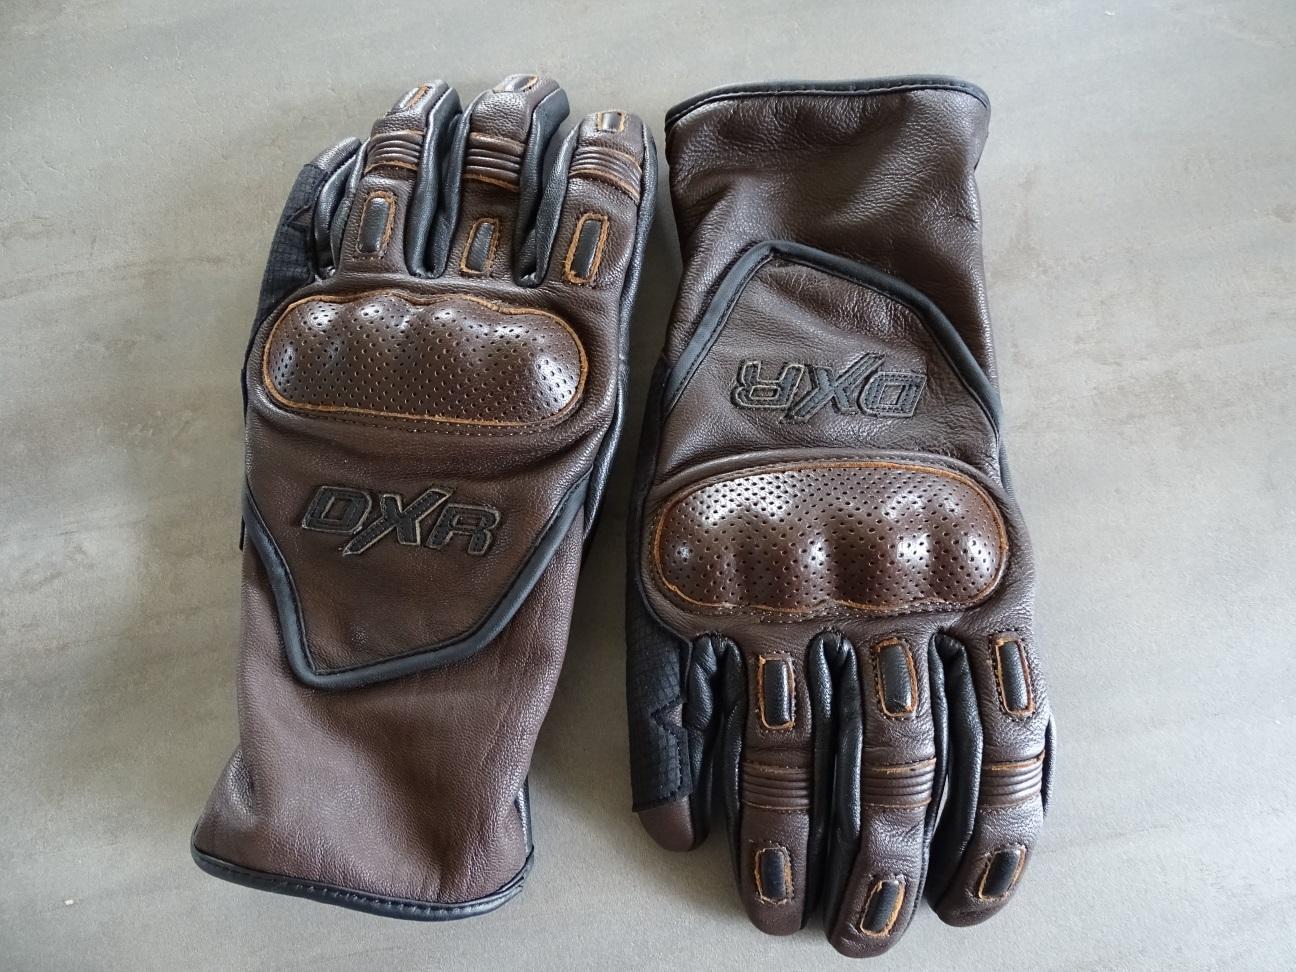 gants DXR TTR